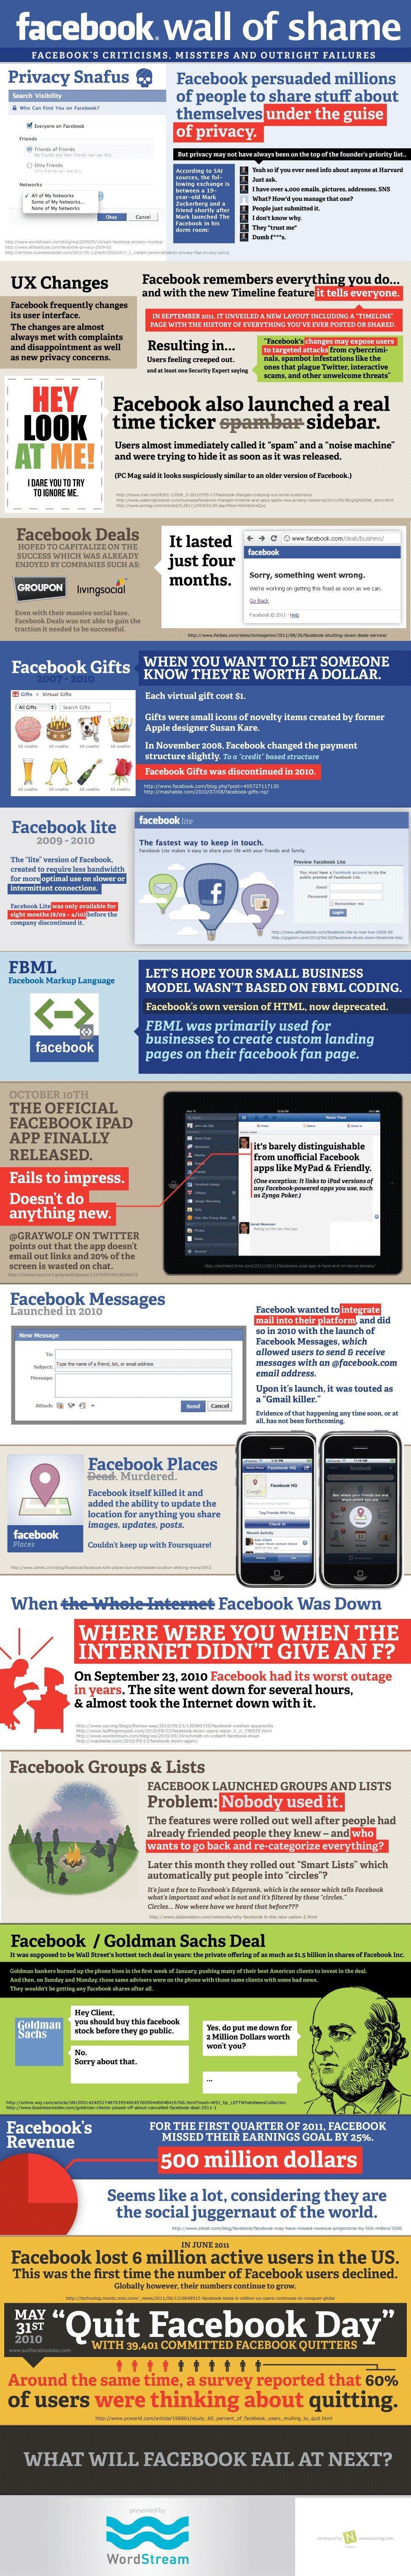 Tutti gli errori di Facebook [INFOGRAFICA]